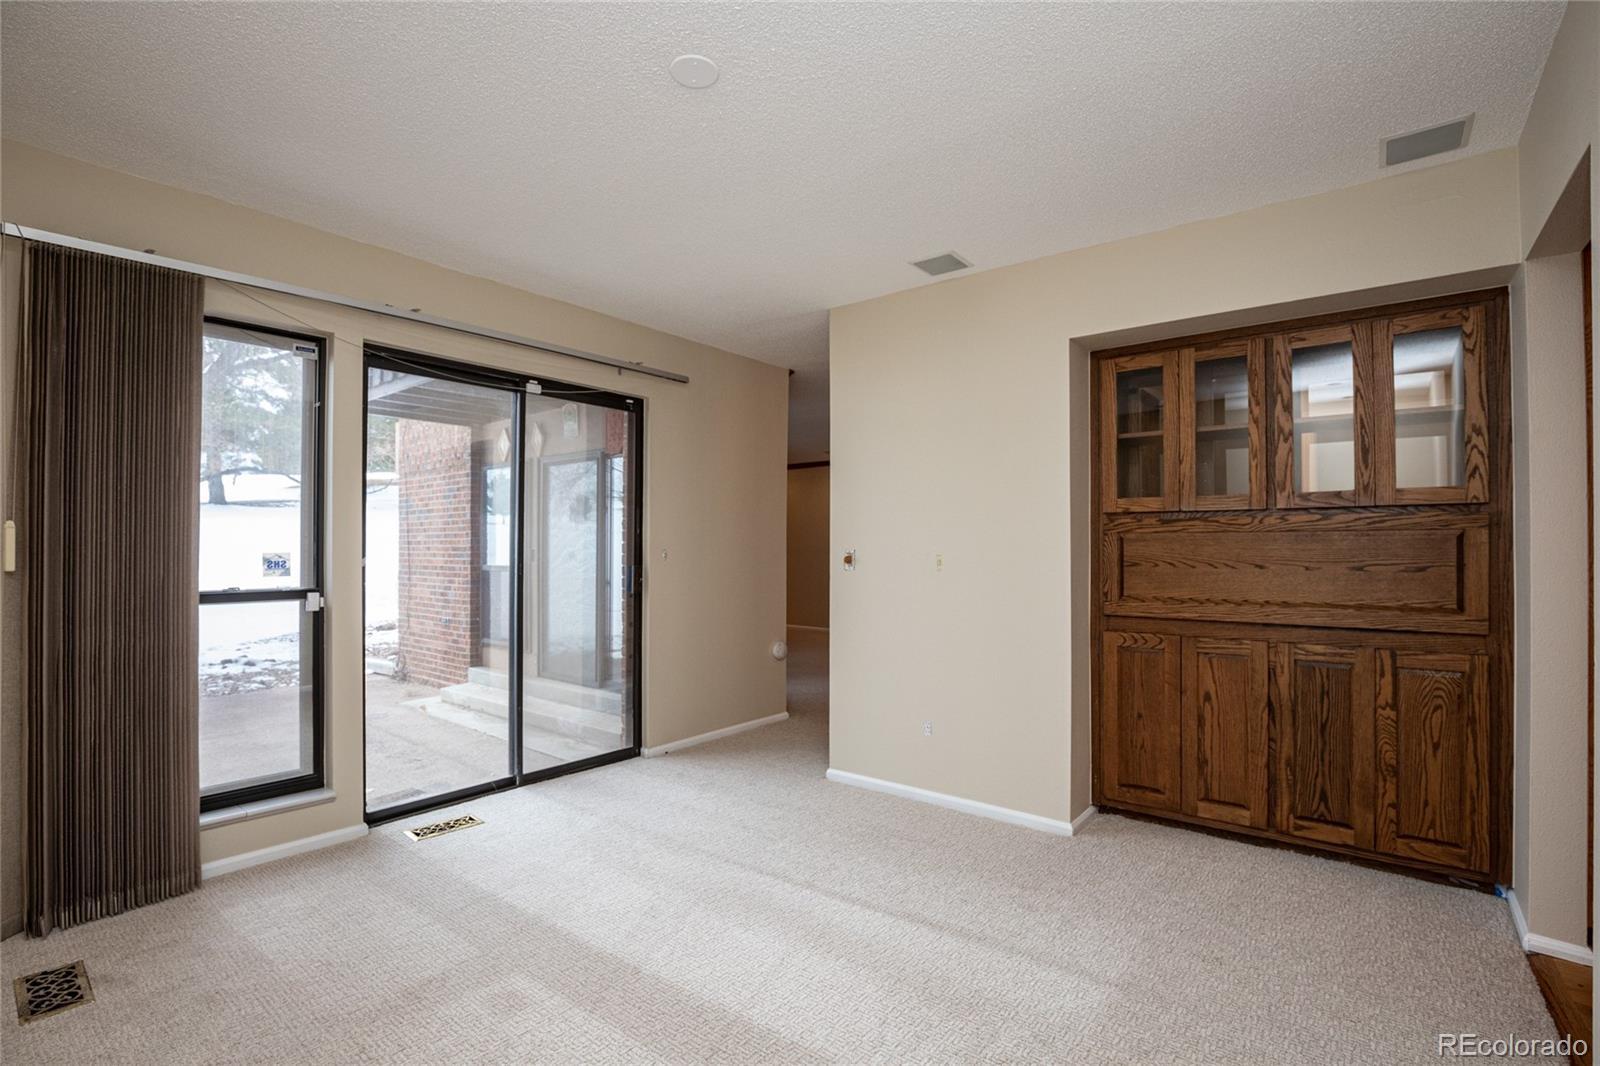 MLS# 8955616 - 10 - 6000 W Mansfield Avenue #15, Denver, CO 80235